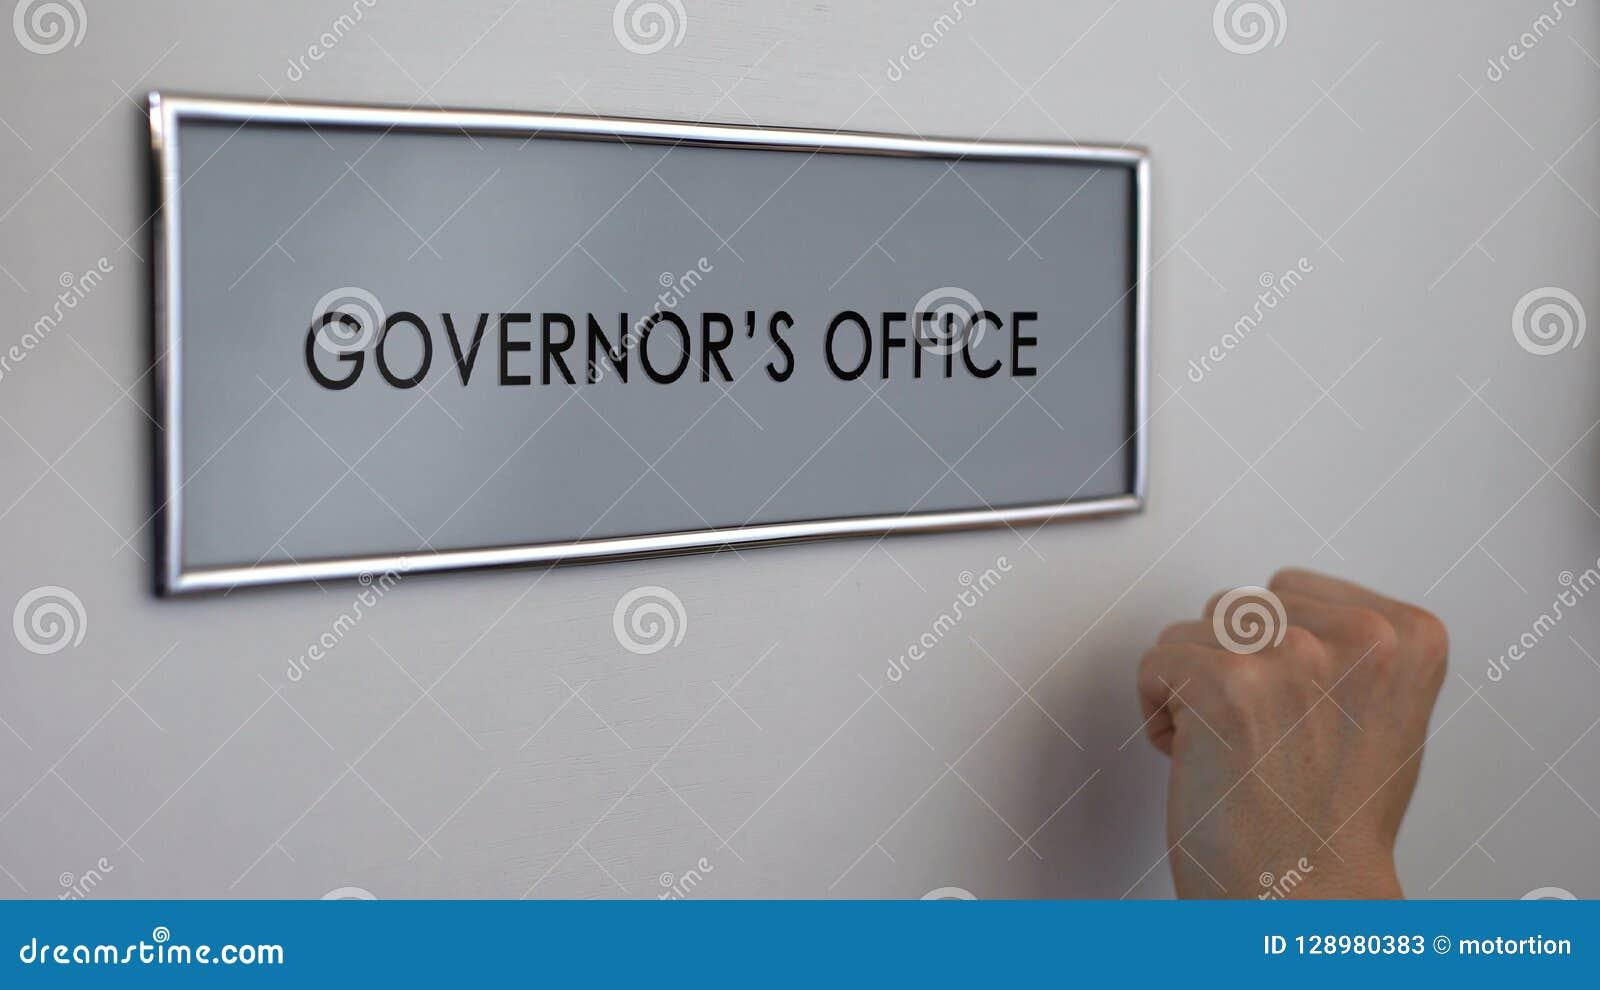 Porta do escritório do regulador, mão que bate o close up, visita ao administrador público, autoridade